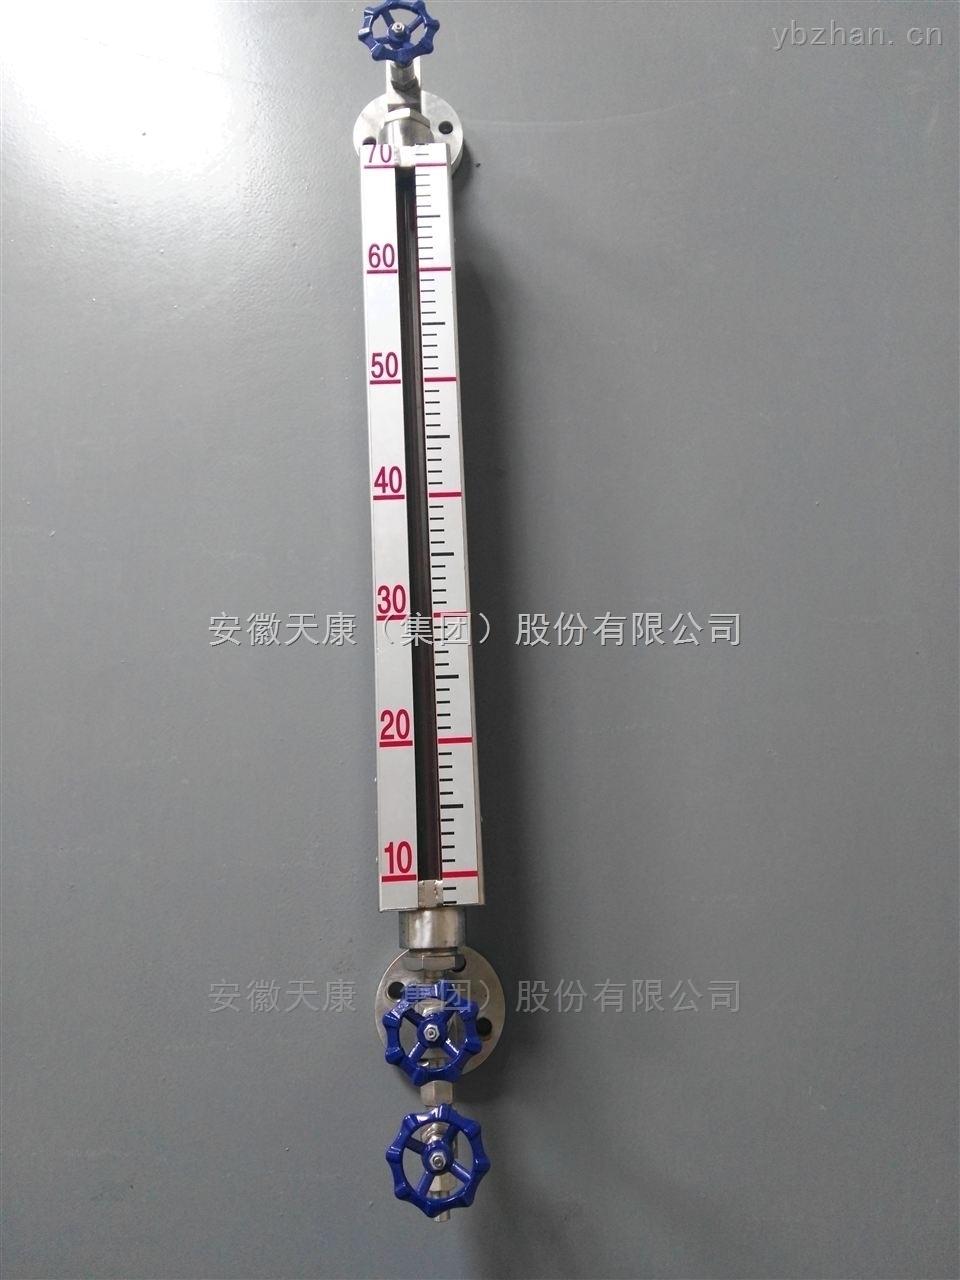 UHZ-50/C 磁性浮球液位计